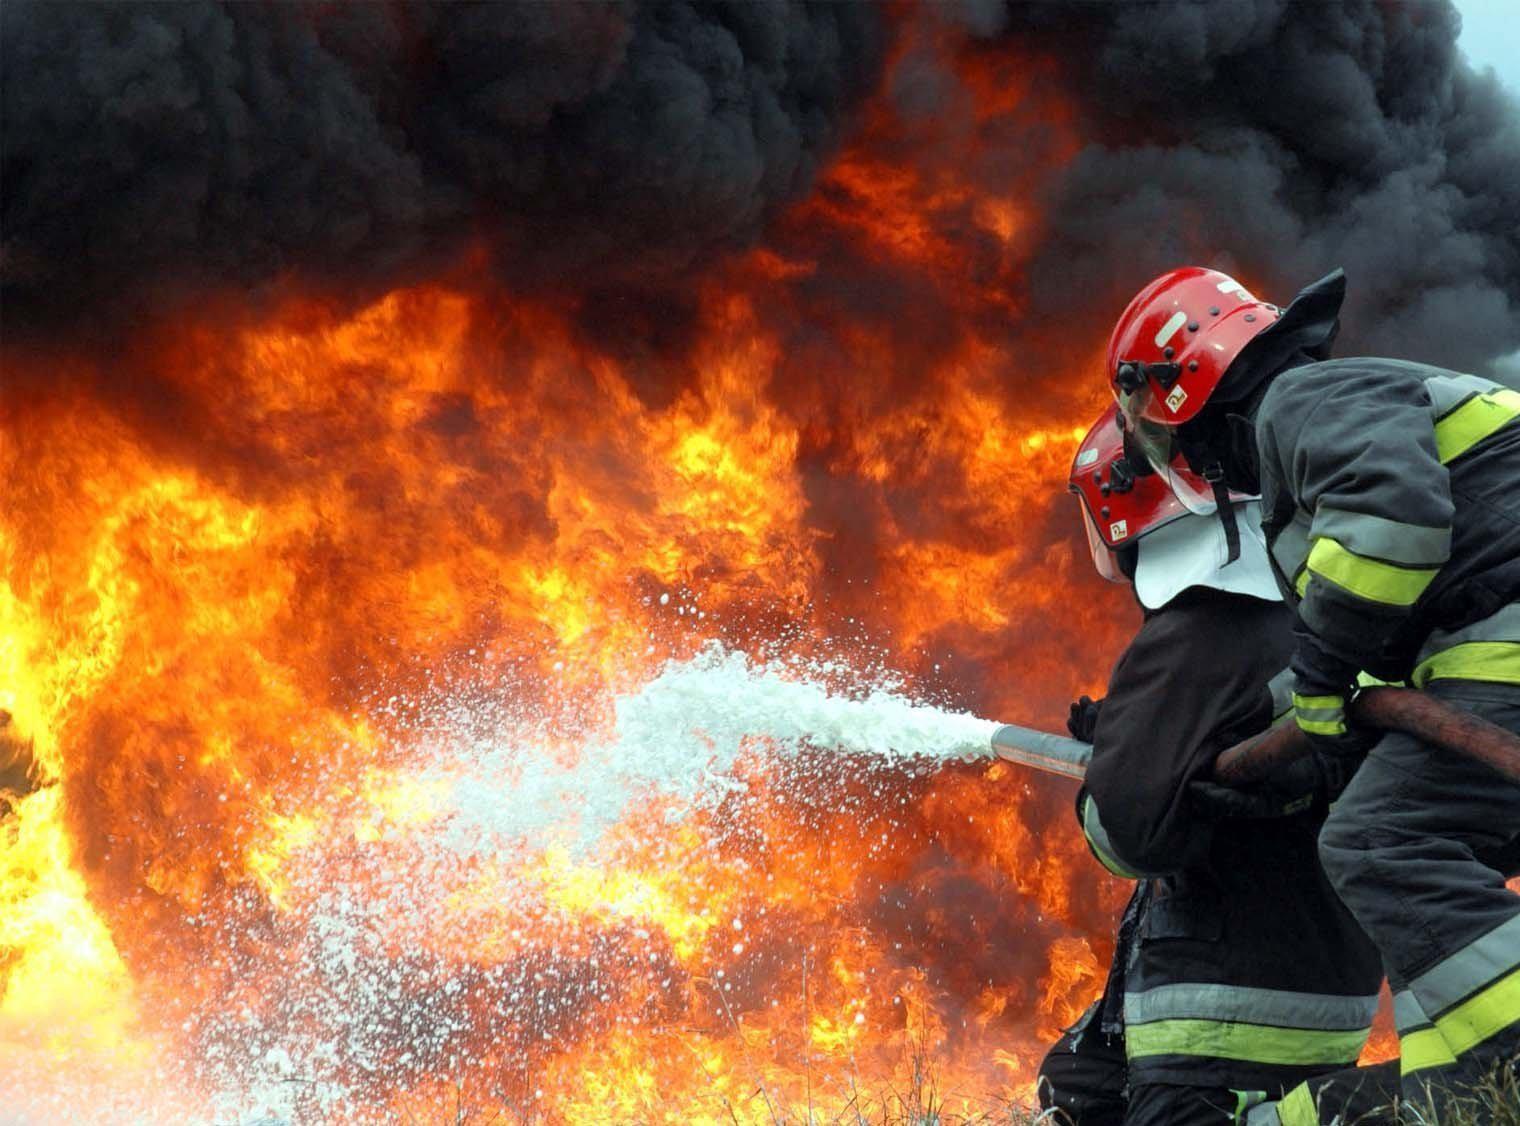 Пожар площадью 400 кв. мпроизошел в коммерческом комплексе вОдинцовском районе